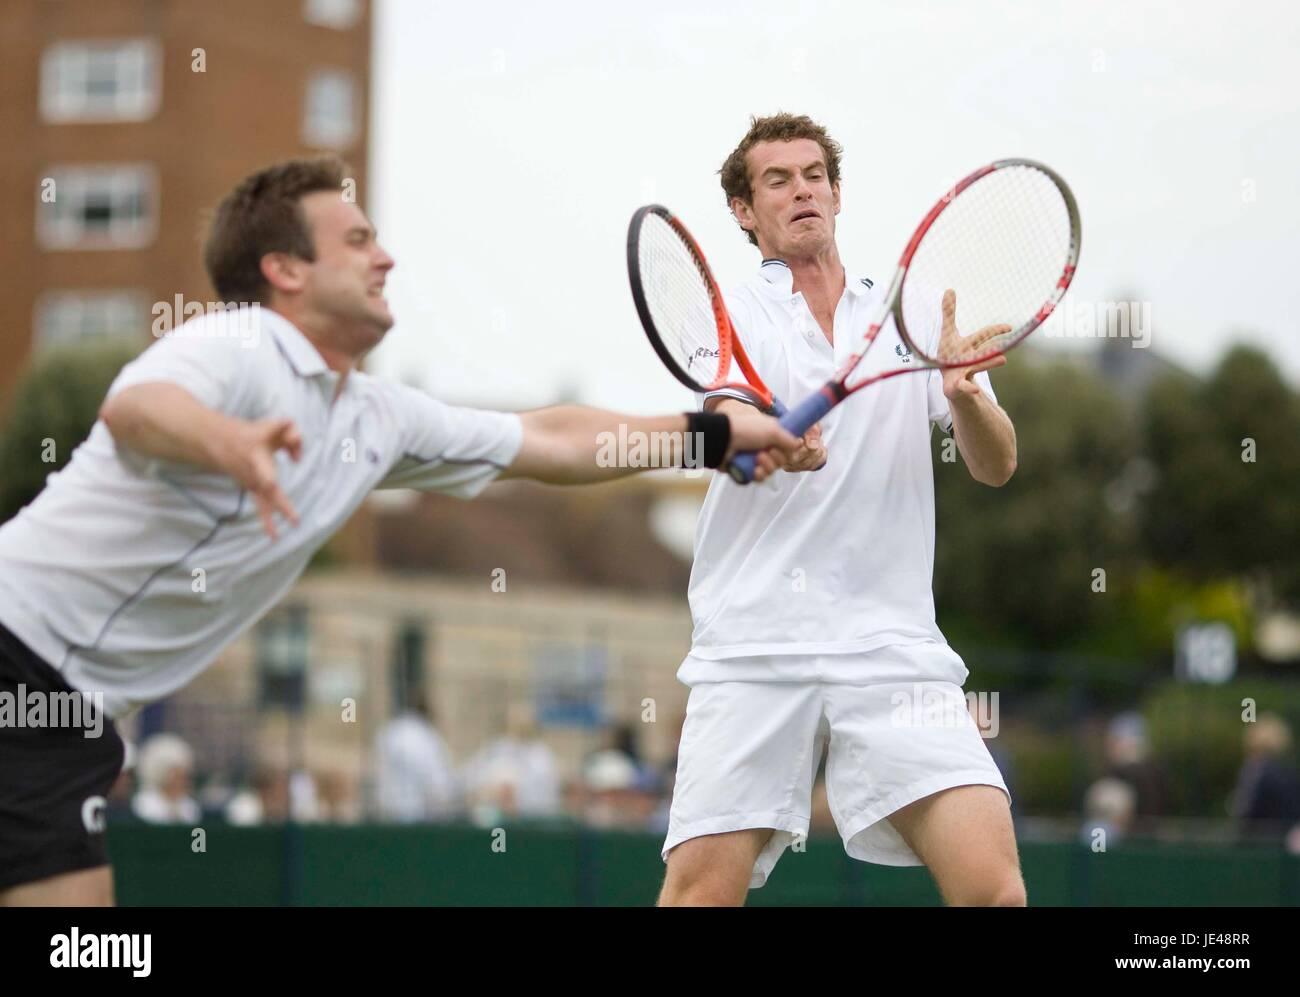 a276c9c20a1 Andy Murray en acción durante la Copa del condado en Devonshire Park Centro de  Tenis Internacional